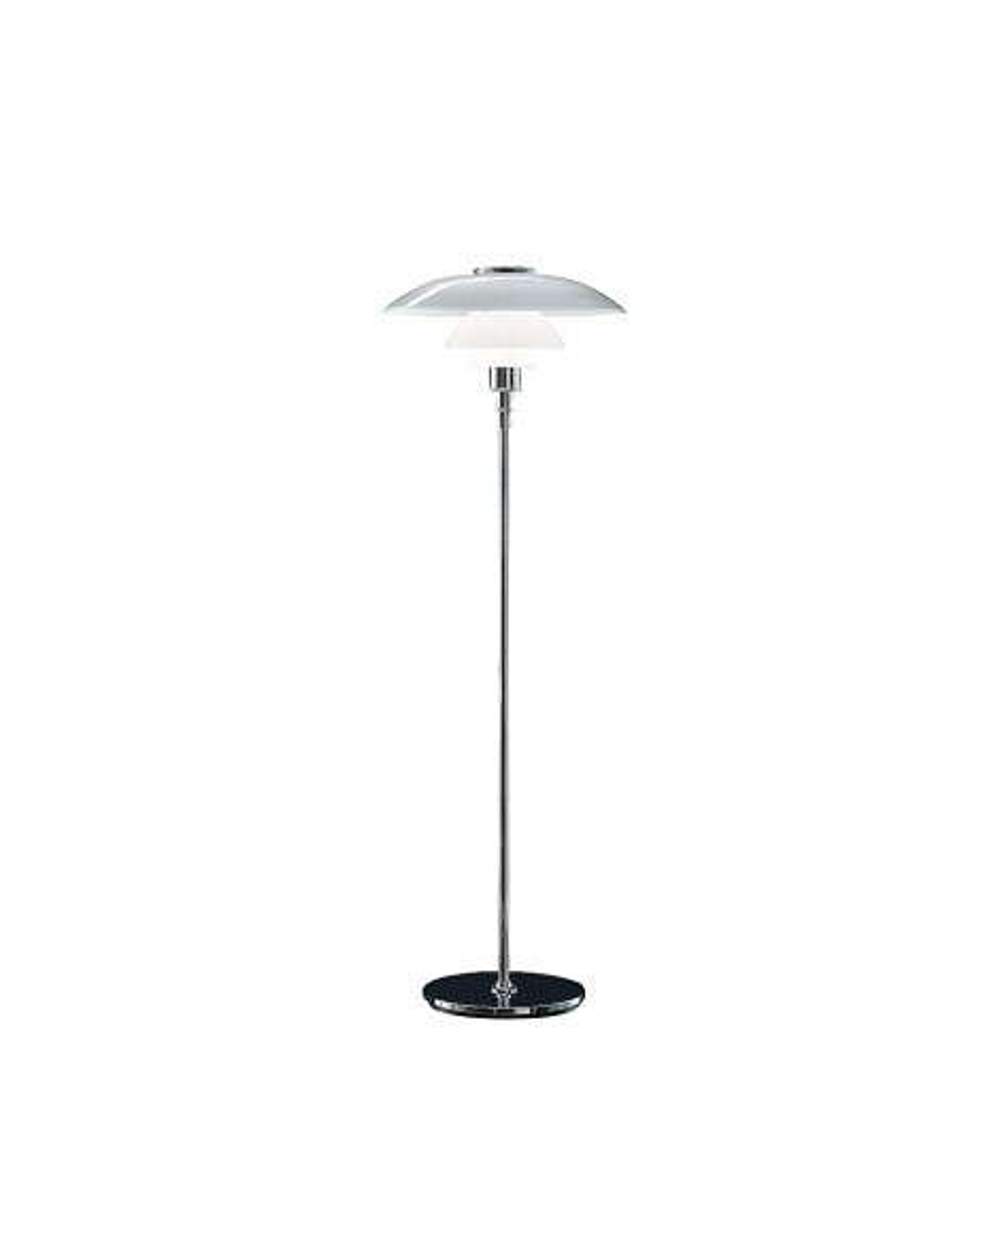 PH 4 ½ - 3 ½ LAMPADAIRE Louis Poulsen